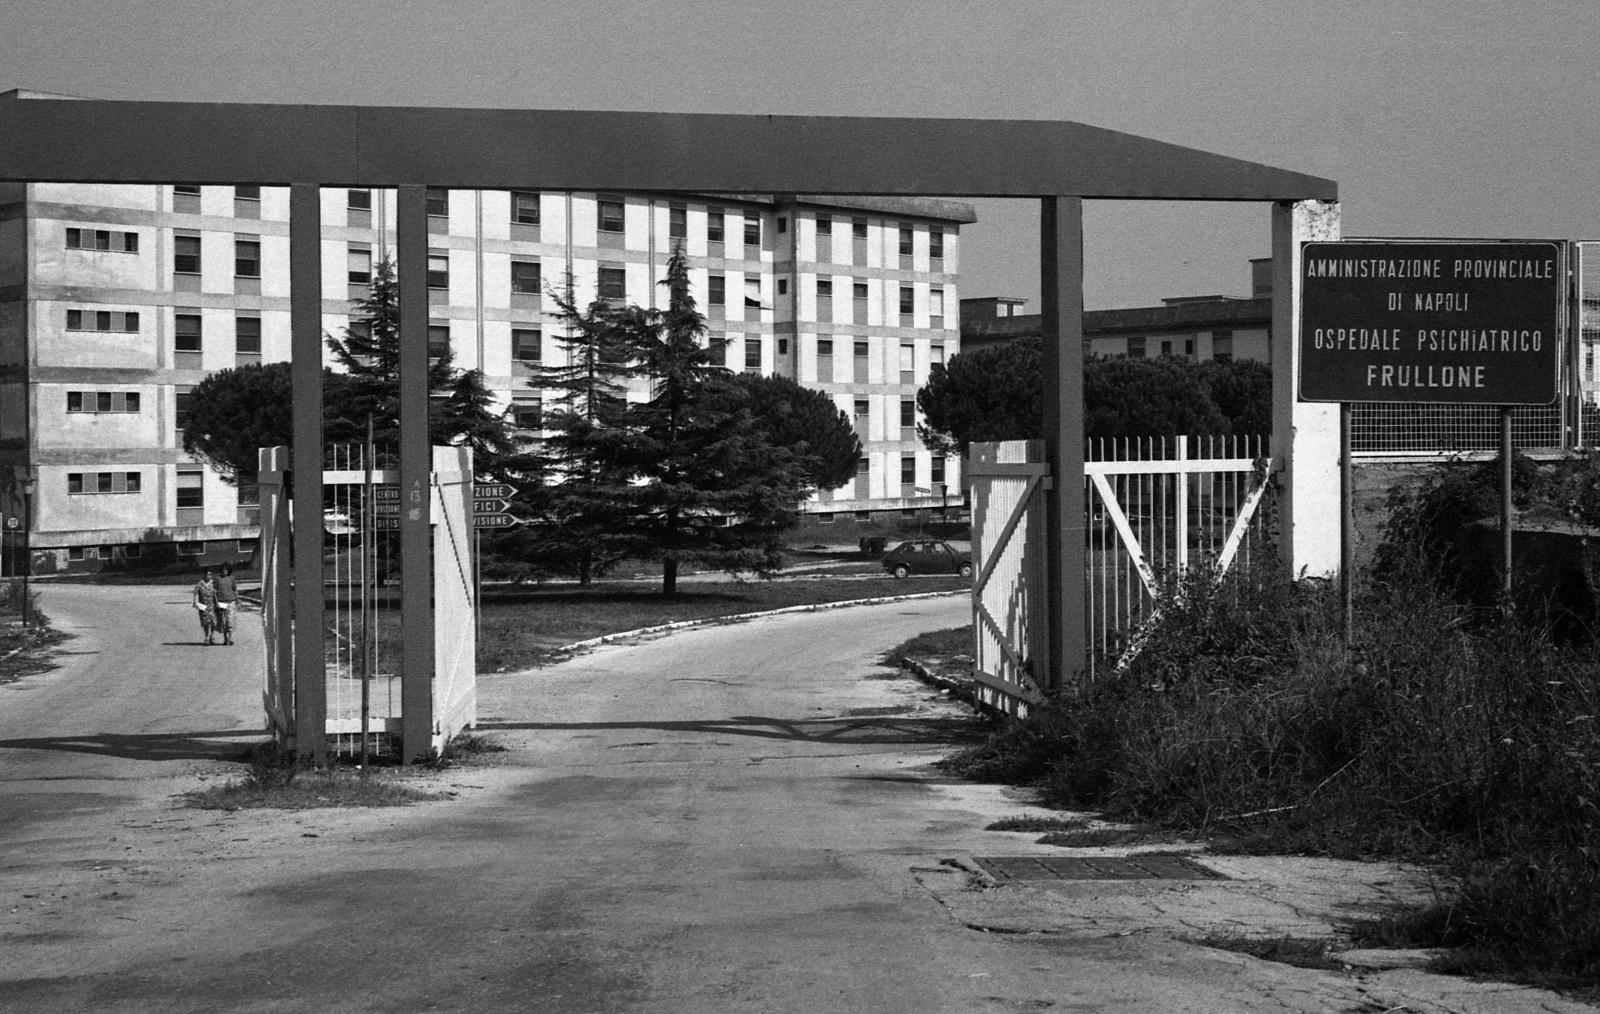 Carnevale all' Ospedale psichiatrico Frullone -1979